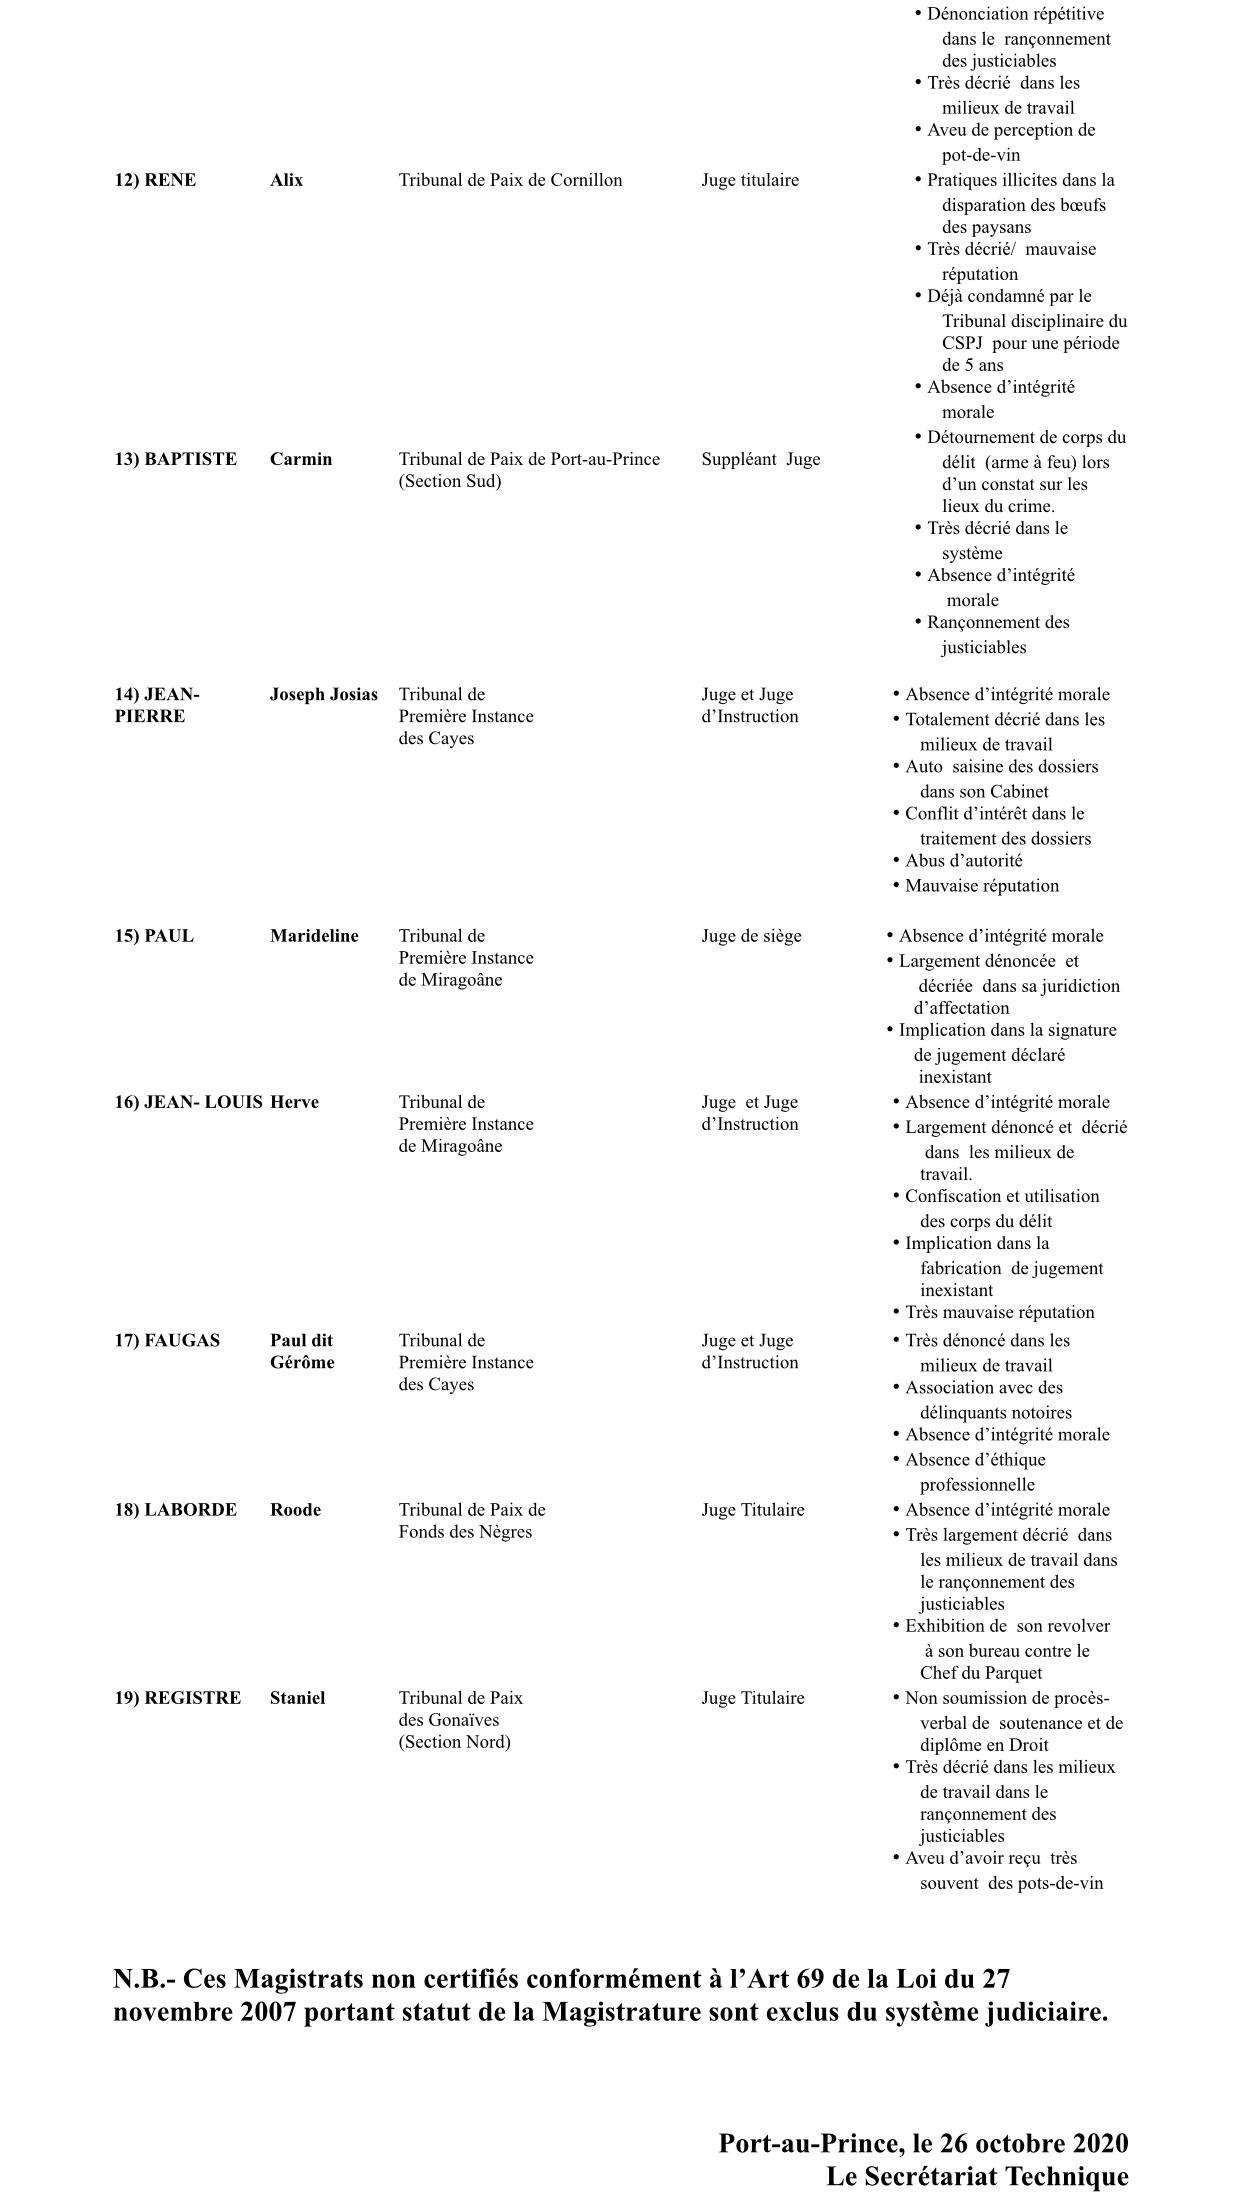 Liste des CSPJ- Magistrats non certifiés